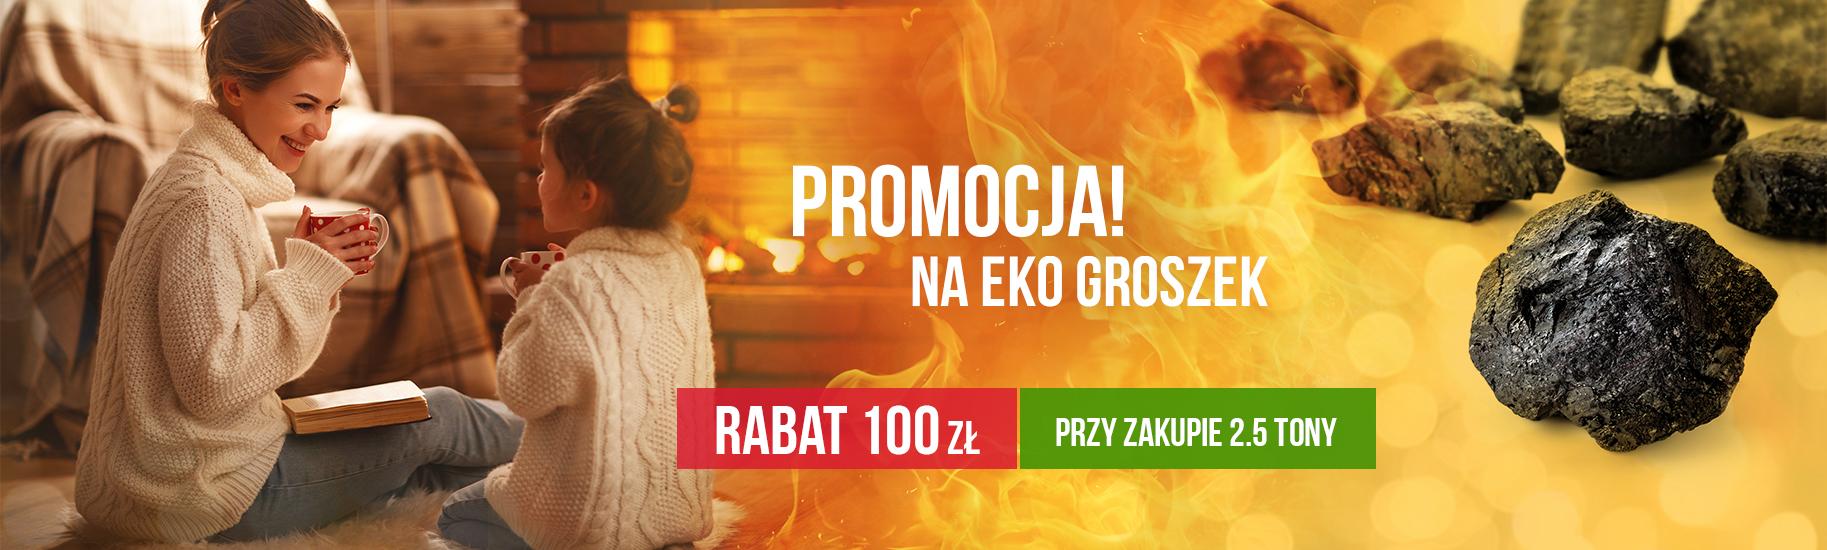 ekogroszek_baner